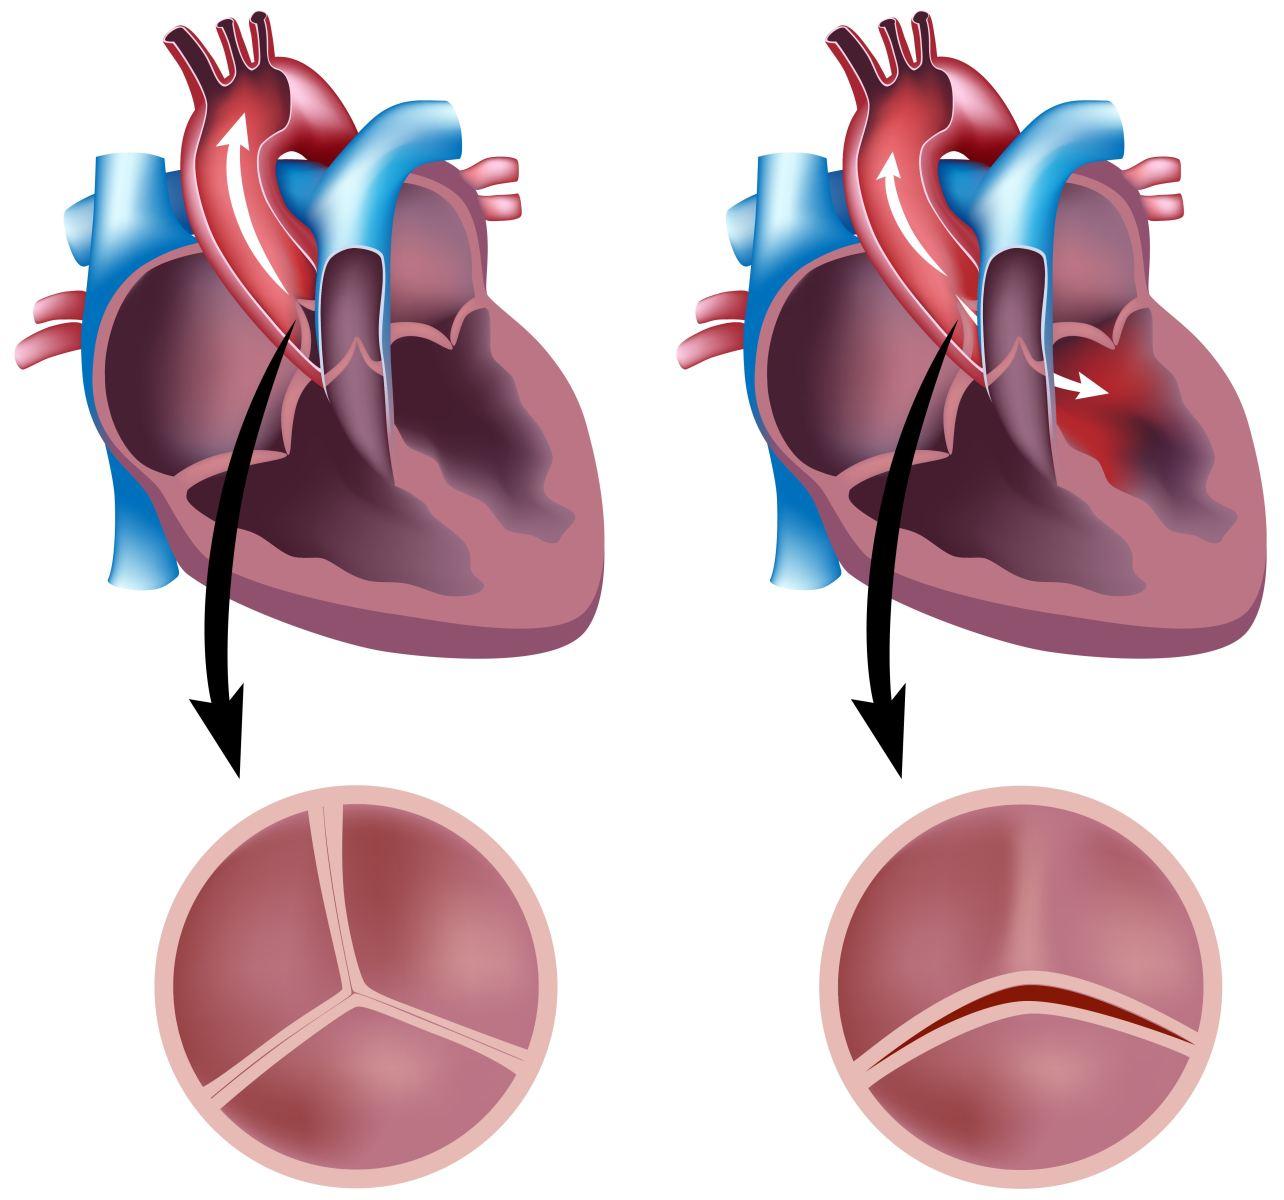 Двустворчатый аортальный клапан – врожденный порок сердца